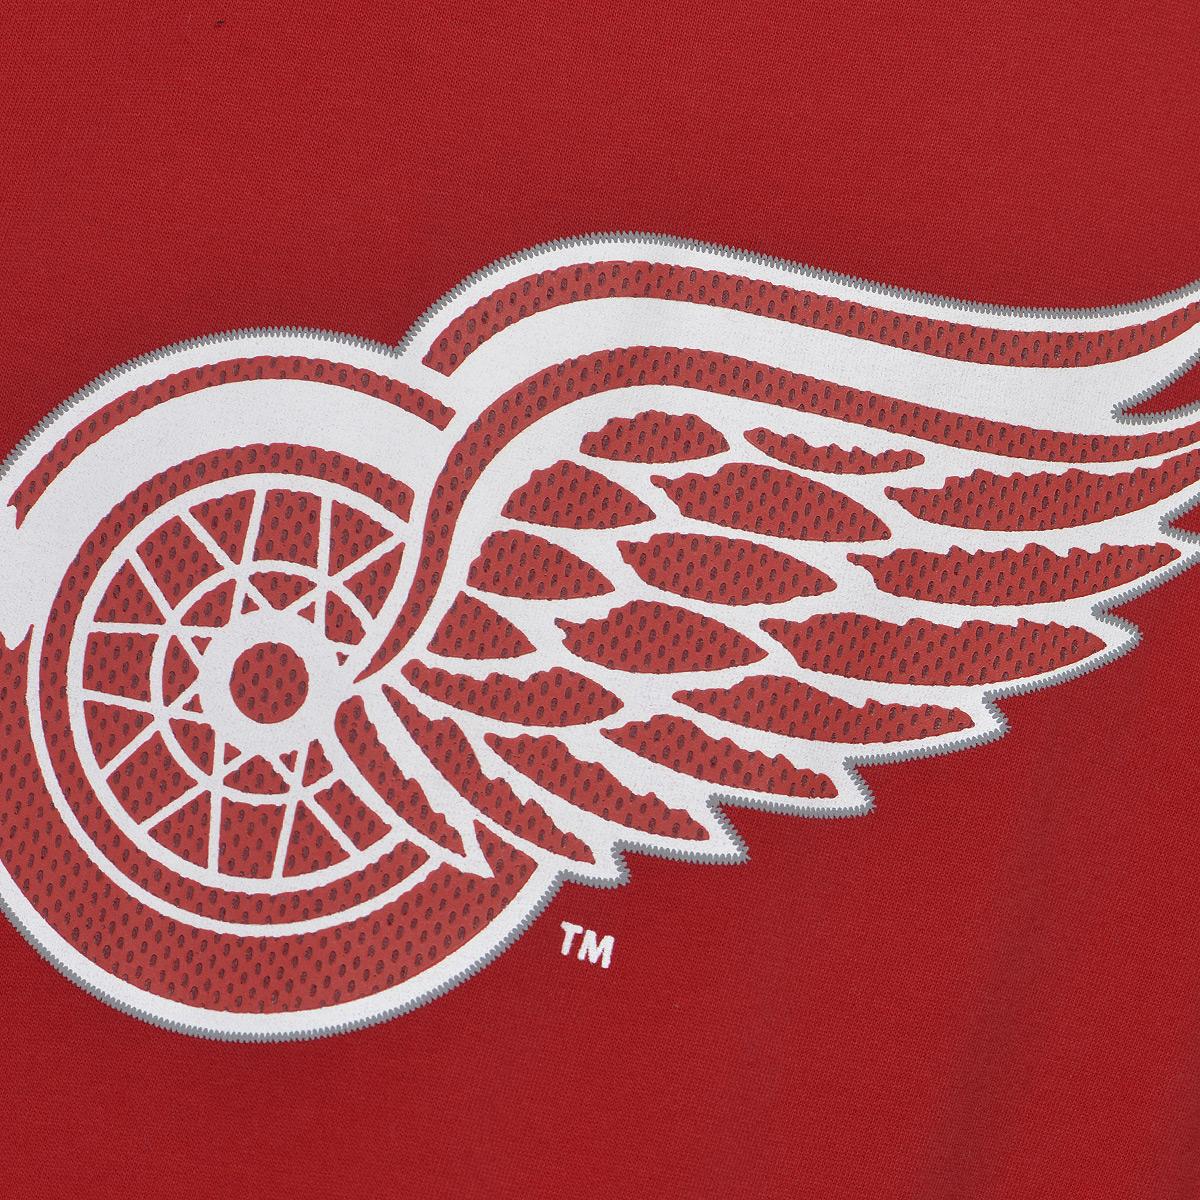 """Мужская футболка NHL Detroit Red Wings, выполненная из натурального хлопка, порадует любого поклонниказнаменитого хоккейного клуба. Материал очень мягкий и приятный на ощупь, не сковывает движения ипозволяет коже """"дышать"""". Футболка с короткими рукавами имеет круглый вырез горловины, дополненный трикотажной резинкой.Изделие оформлено термоаппликацией в виде эмблемы хоккейного клуба """"Detroit Red Wings"""", а также украшенонебольшой текстильной нашивкой.Такая модель отлично подойдет для повседневной носки и подарит вам комфорт в течение всего дня!   УВАЖАЕМЫЕ КЛИЕНТЫ!   Обращаем ваше внимание на возможные незначительные изменения в дизайне нашивки."""